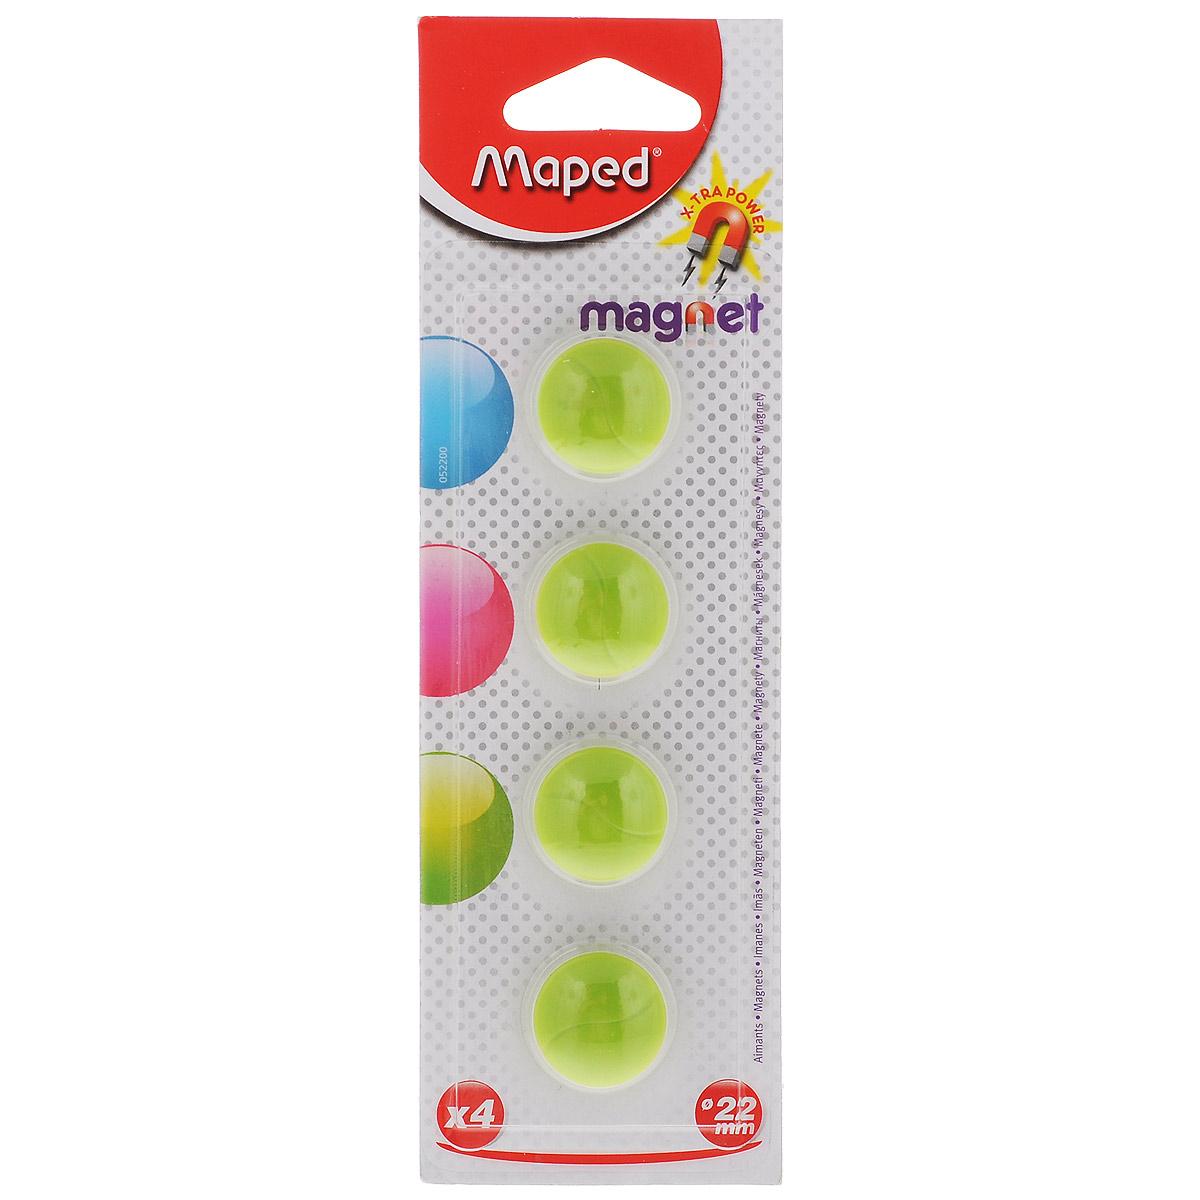 Набор магнитов Maped, цвет: зеленый, 22 мм, 4 шт231730Магниты синего цвета Maped не позволят потерять важную идею при проведении семинаров, мозговых штурмов или презентаций. Выпуклая форма и маленький диаметр делают их удобными при работе с картами или планингами. Они помогут надежно прикрепить листы бумаги на любой железной или стальной поверхности.В наборе 4 магнита зеленого цвета.Рекомендовано детям старше трех лет.